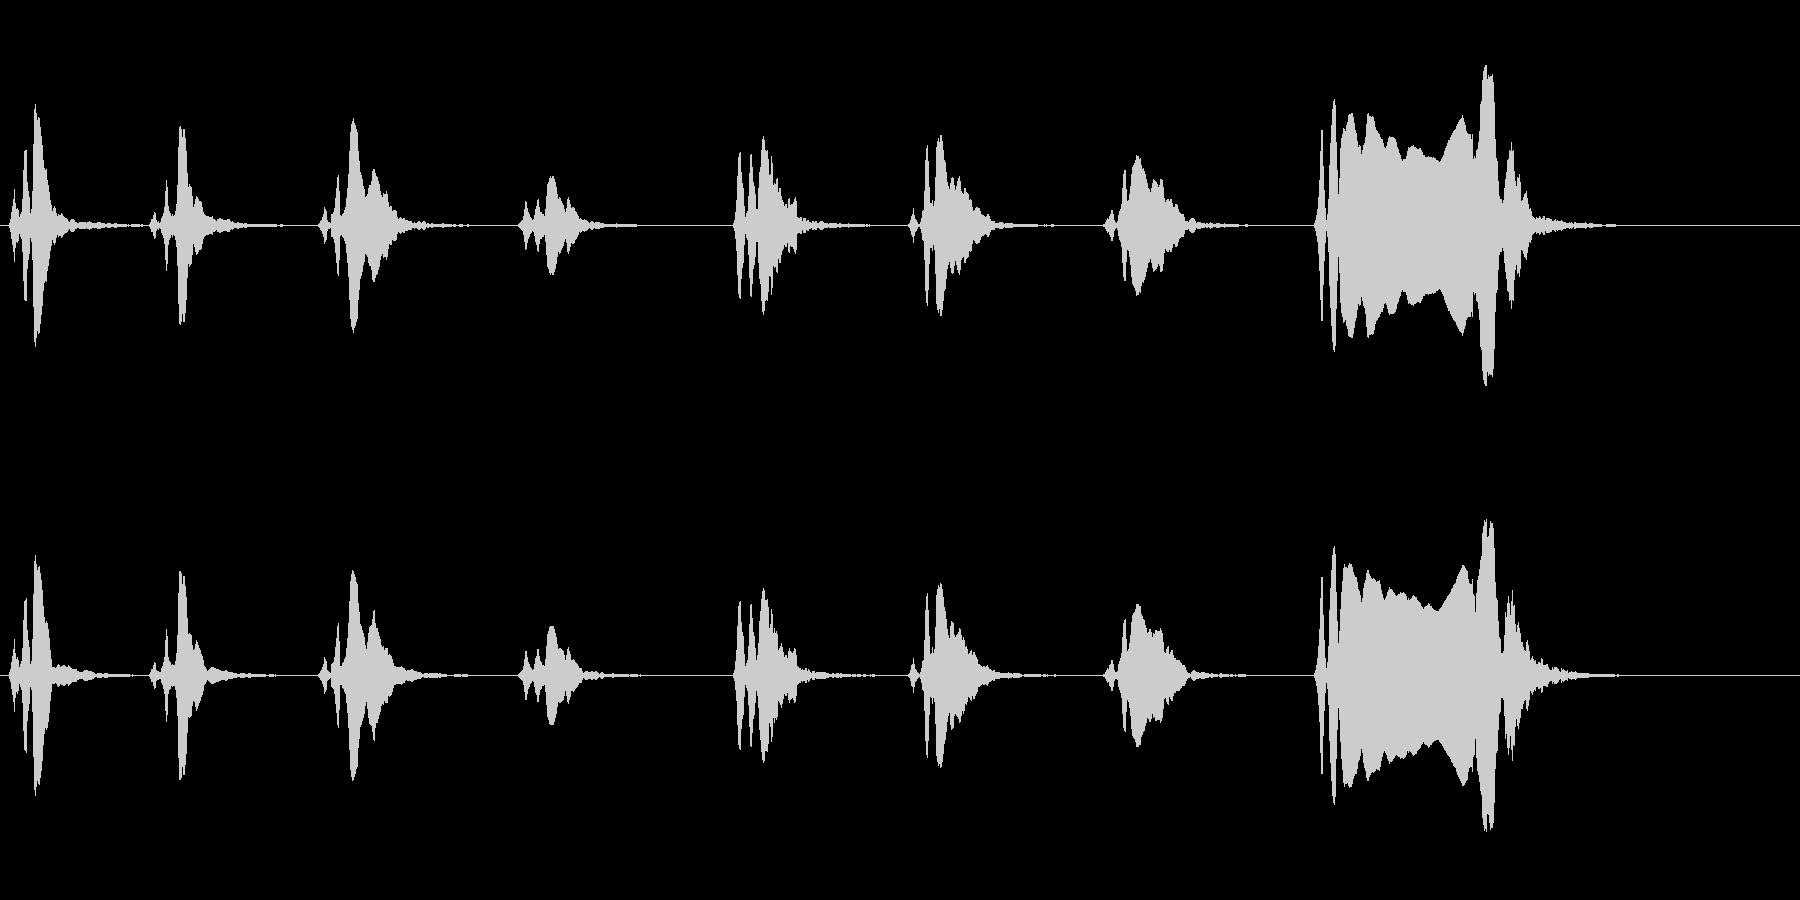 尺八 生演奏 古典風 残響音有 8の未再生の波形